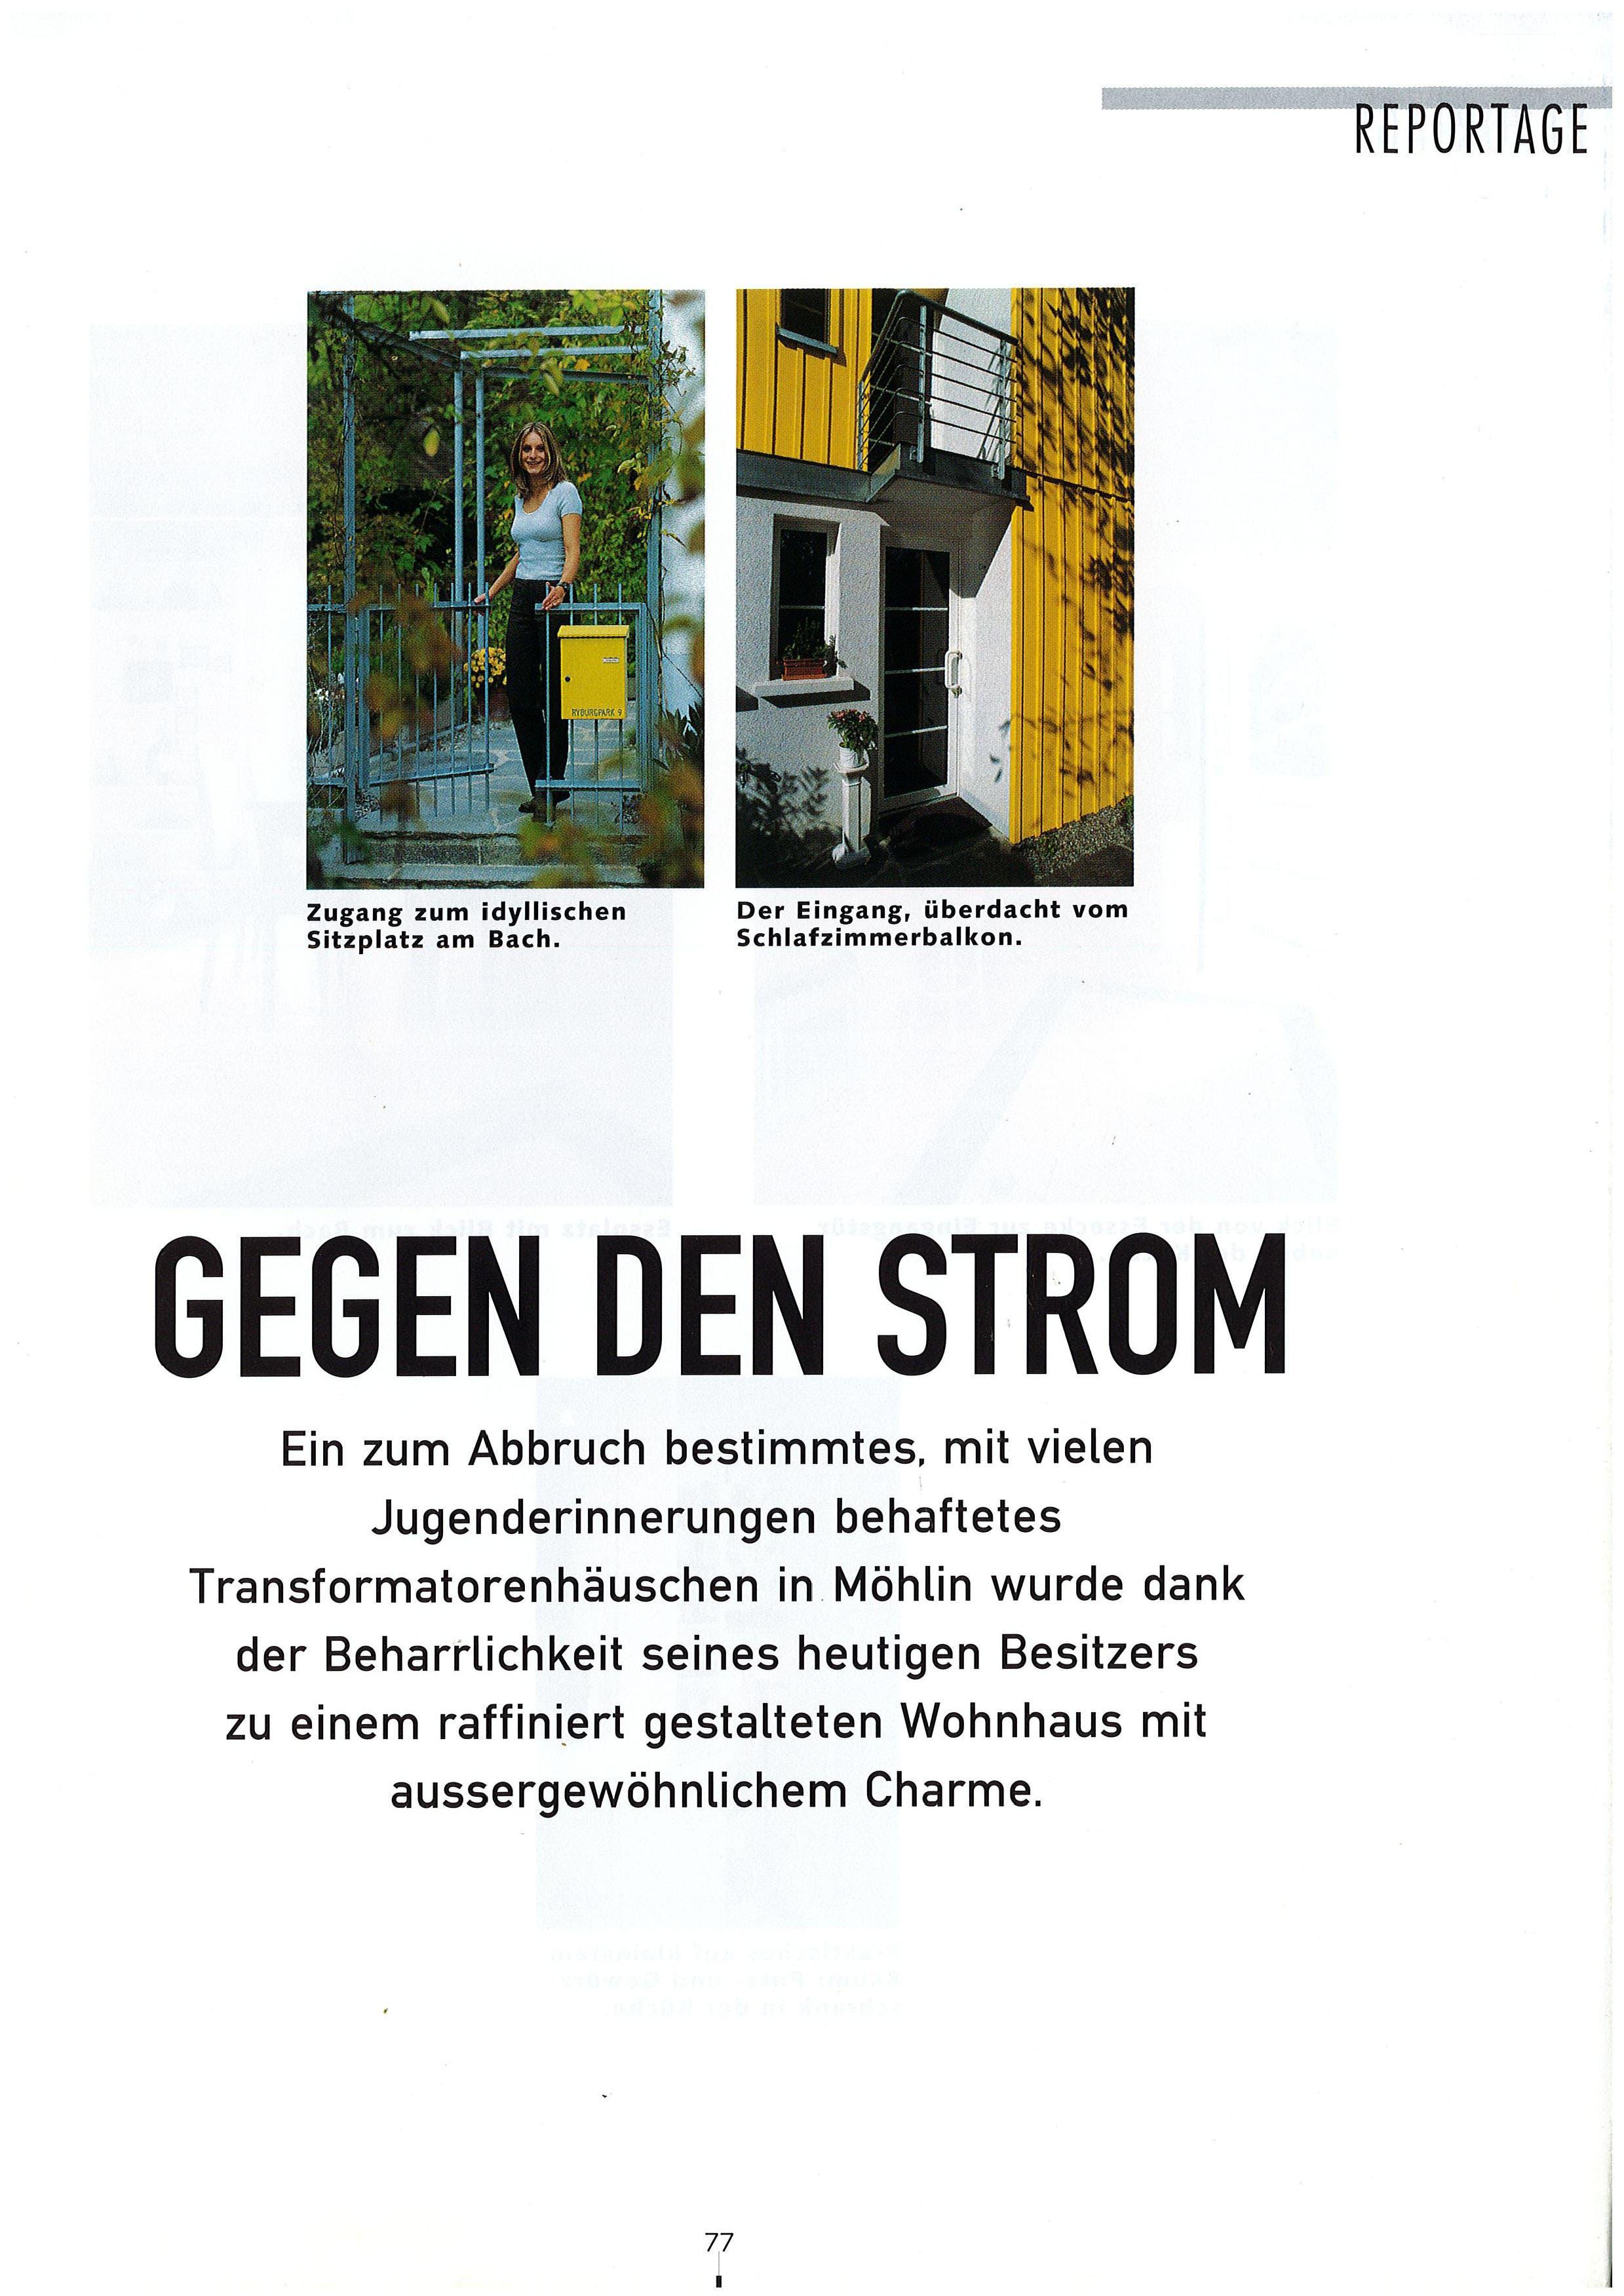 Die Reportage im Magazin «Schöner Wohnen» 1999.